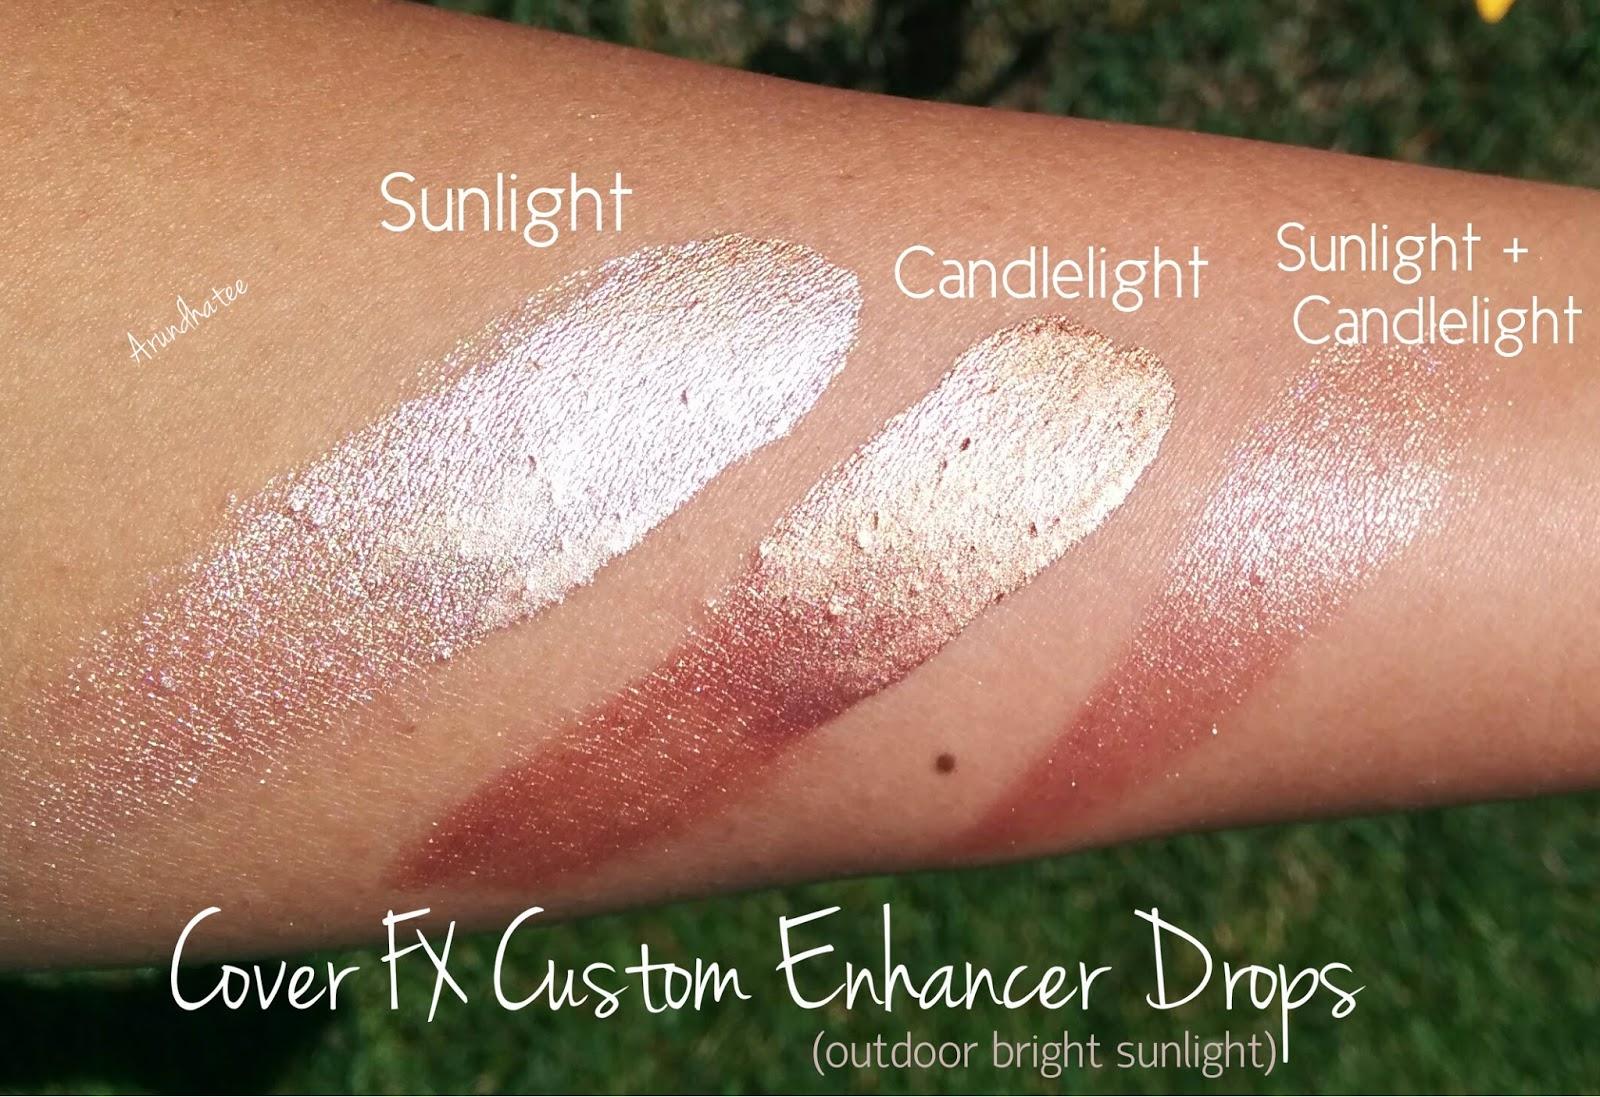 Custom Enhancer Drops by Cover FX #13